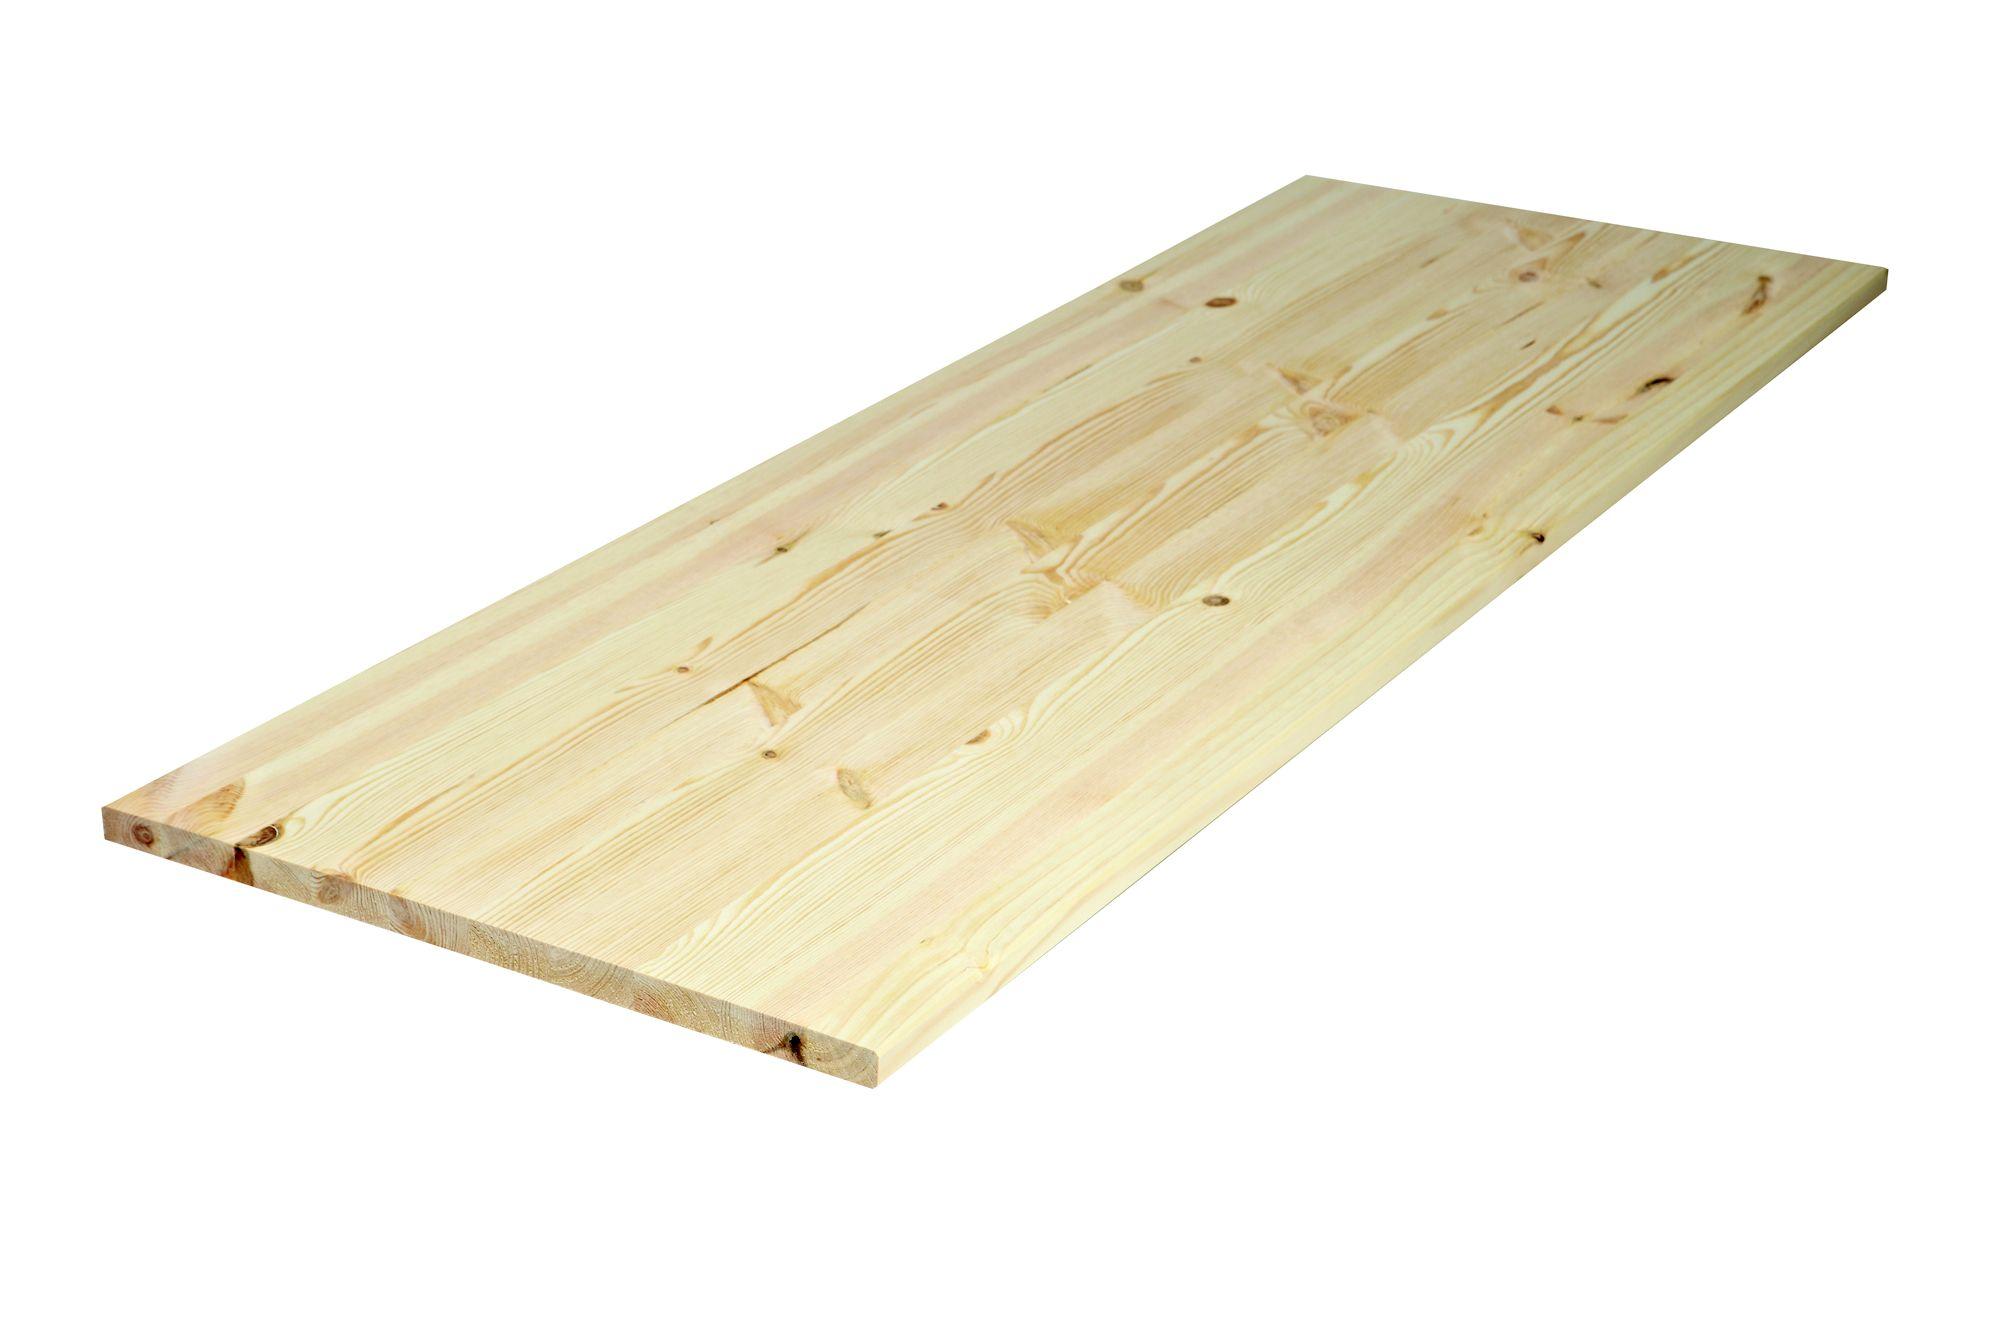 Spruce Furniture Board L 1150mm W 300mm T 18mm